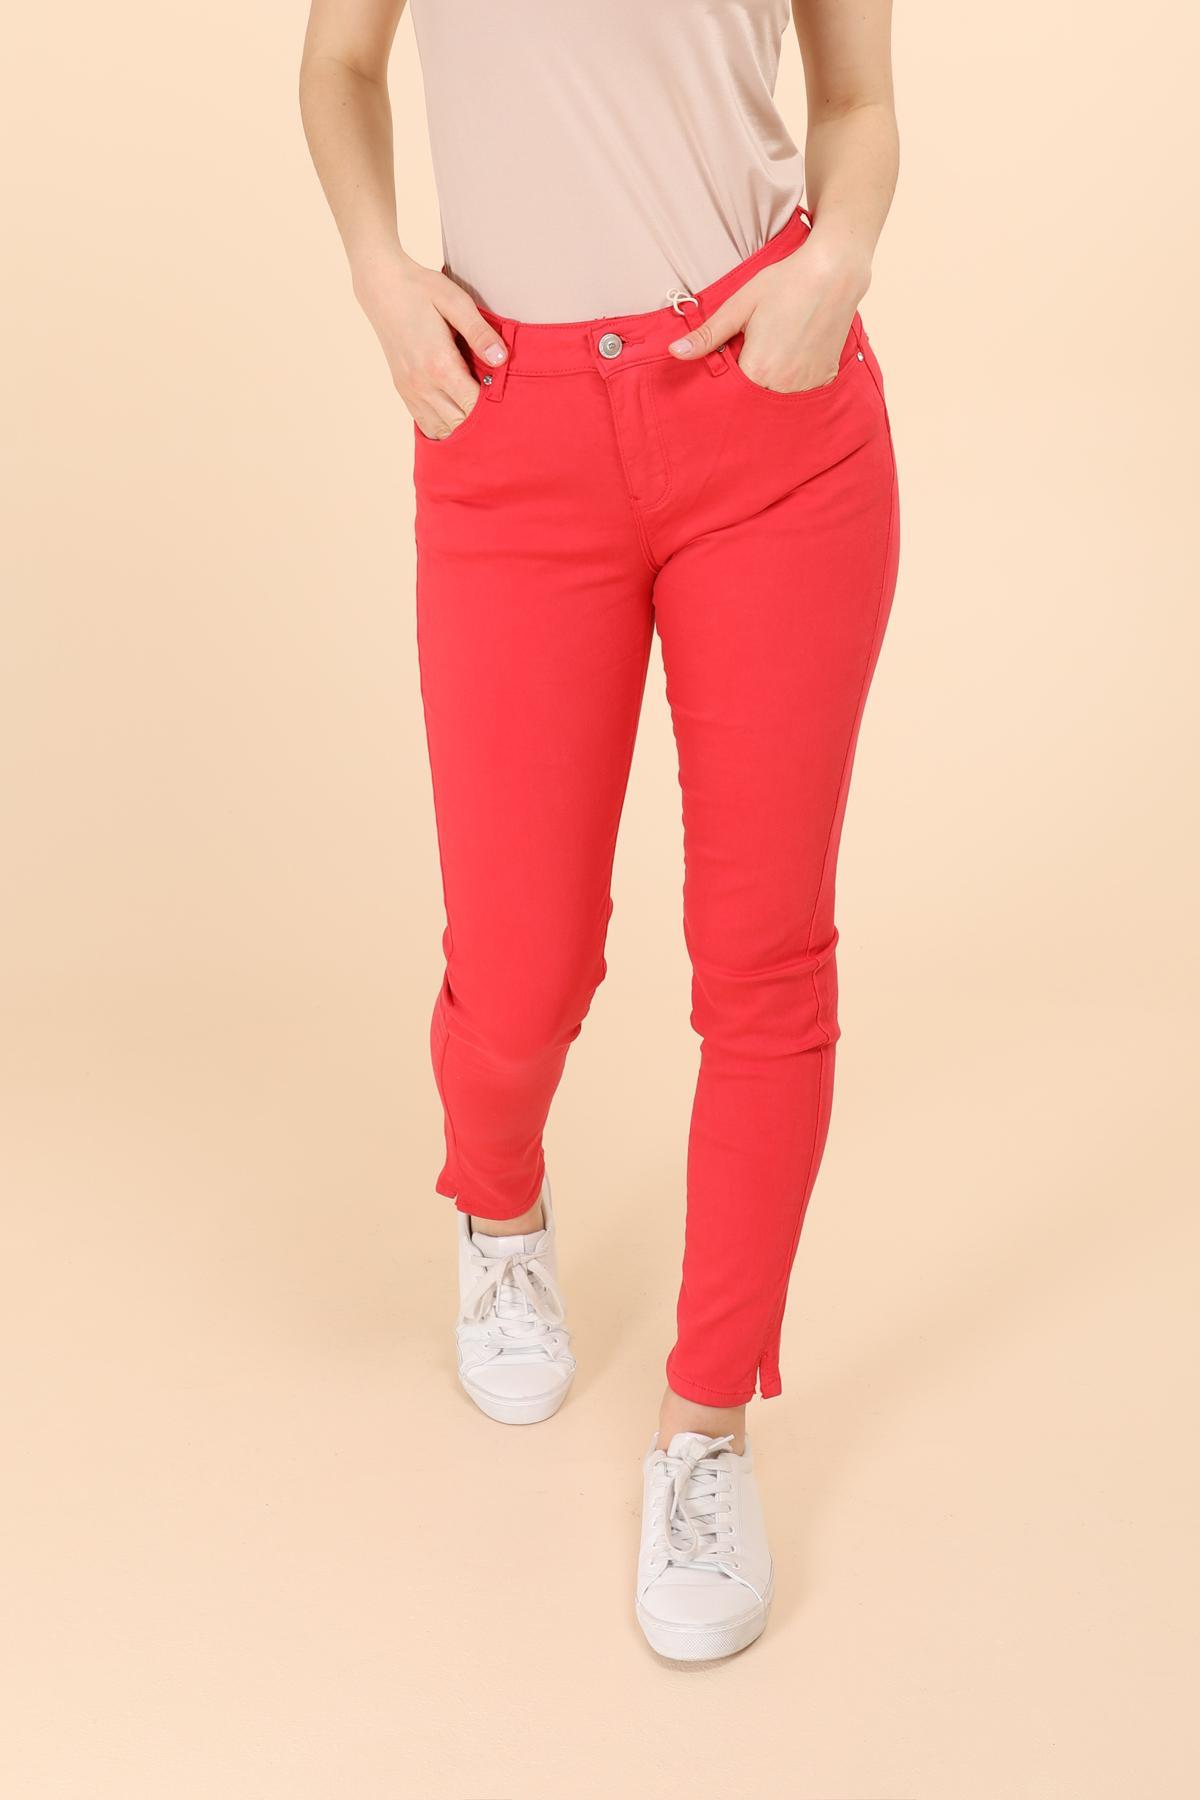 Pantalons Femme Rouge Onado H1103 #c eFashion Paris